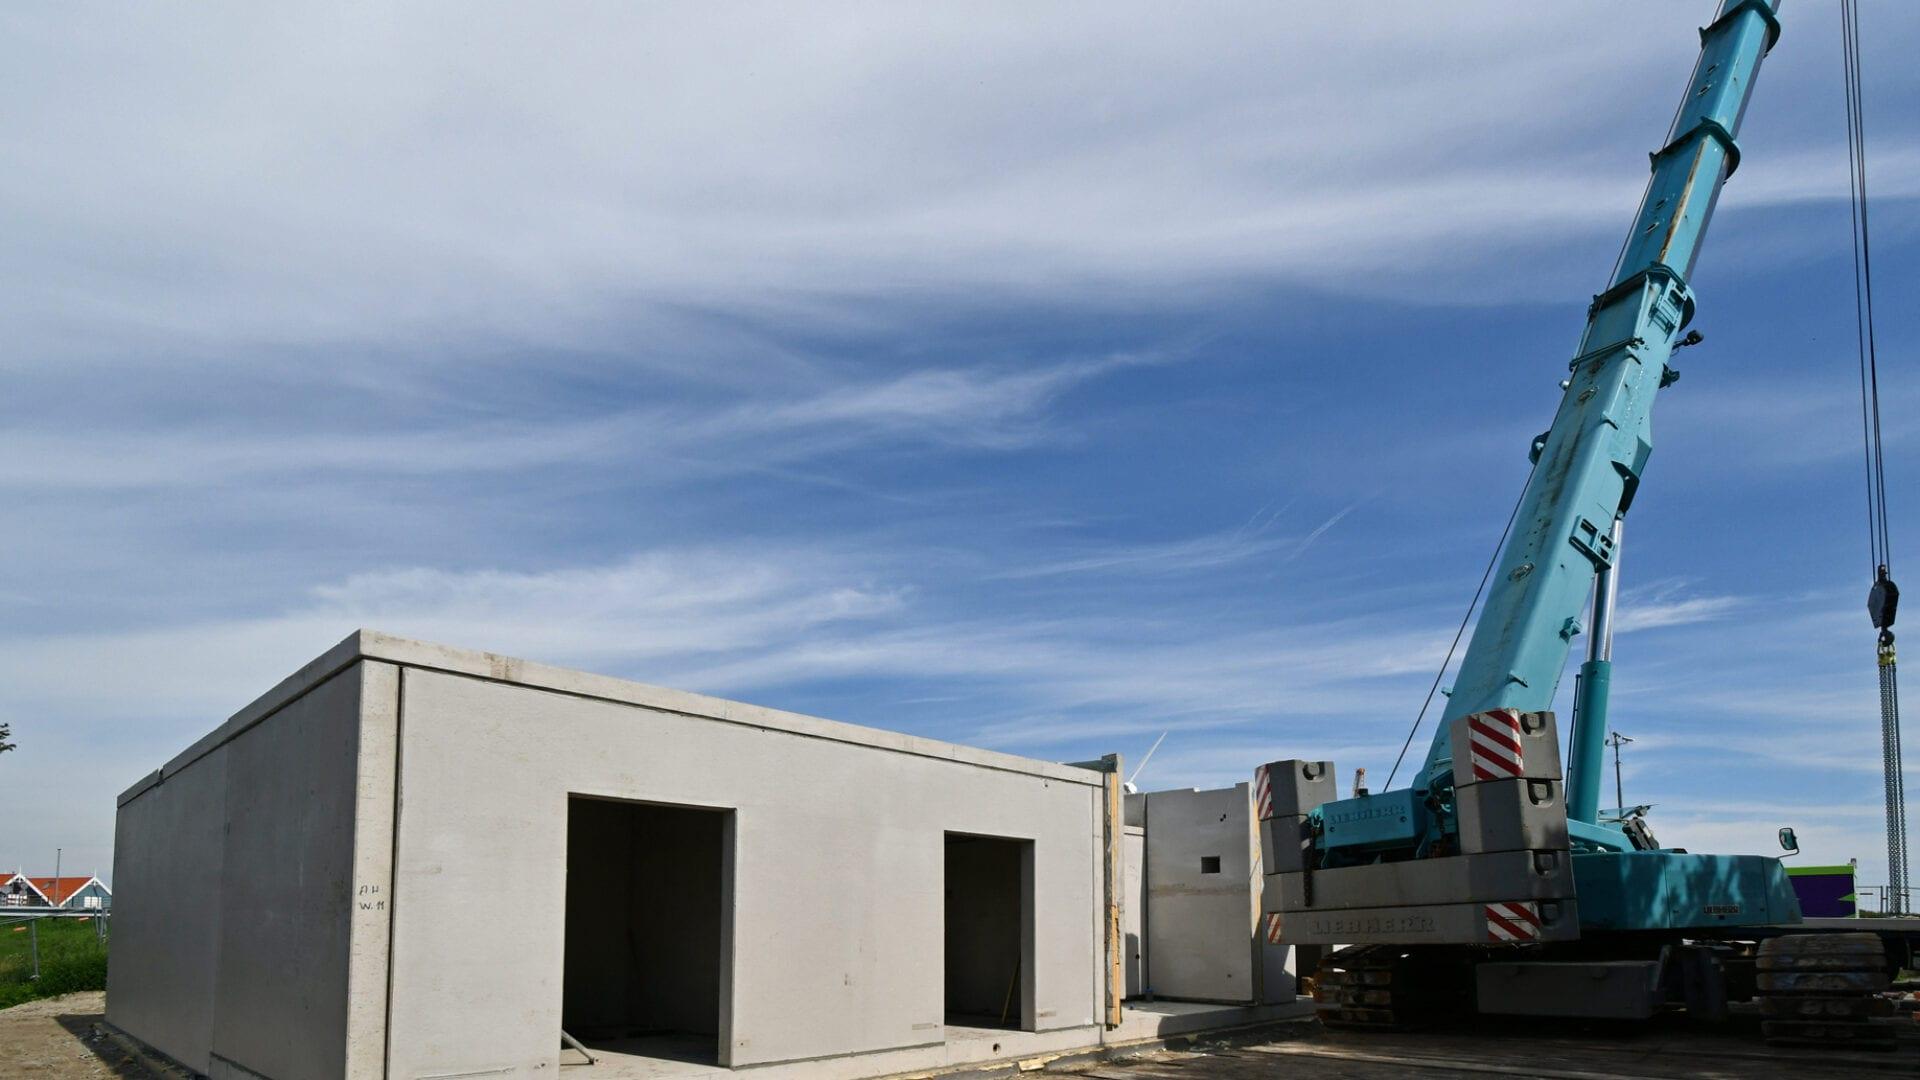 Voor de bediening van onder meer de pompgemalen wordt ter hoogte van Den Oever een zogenaamd inkoopstation gebouwd. De vloeren zijn geplaatst en de bovenbouw wordt in prefab onderdelen op hun plaatst gehesen.